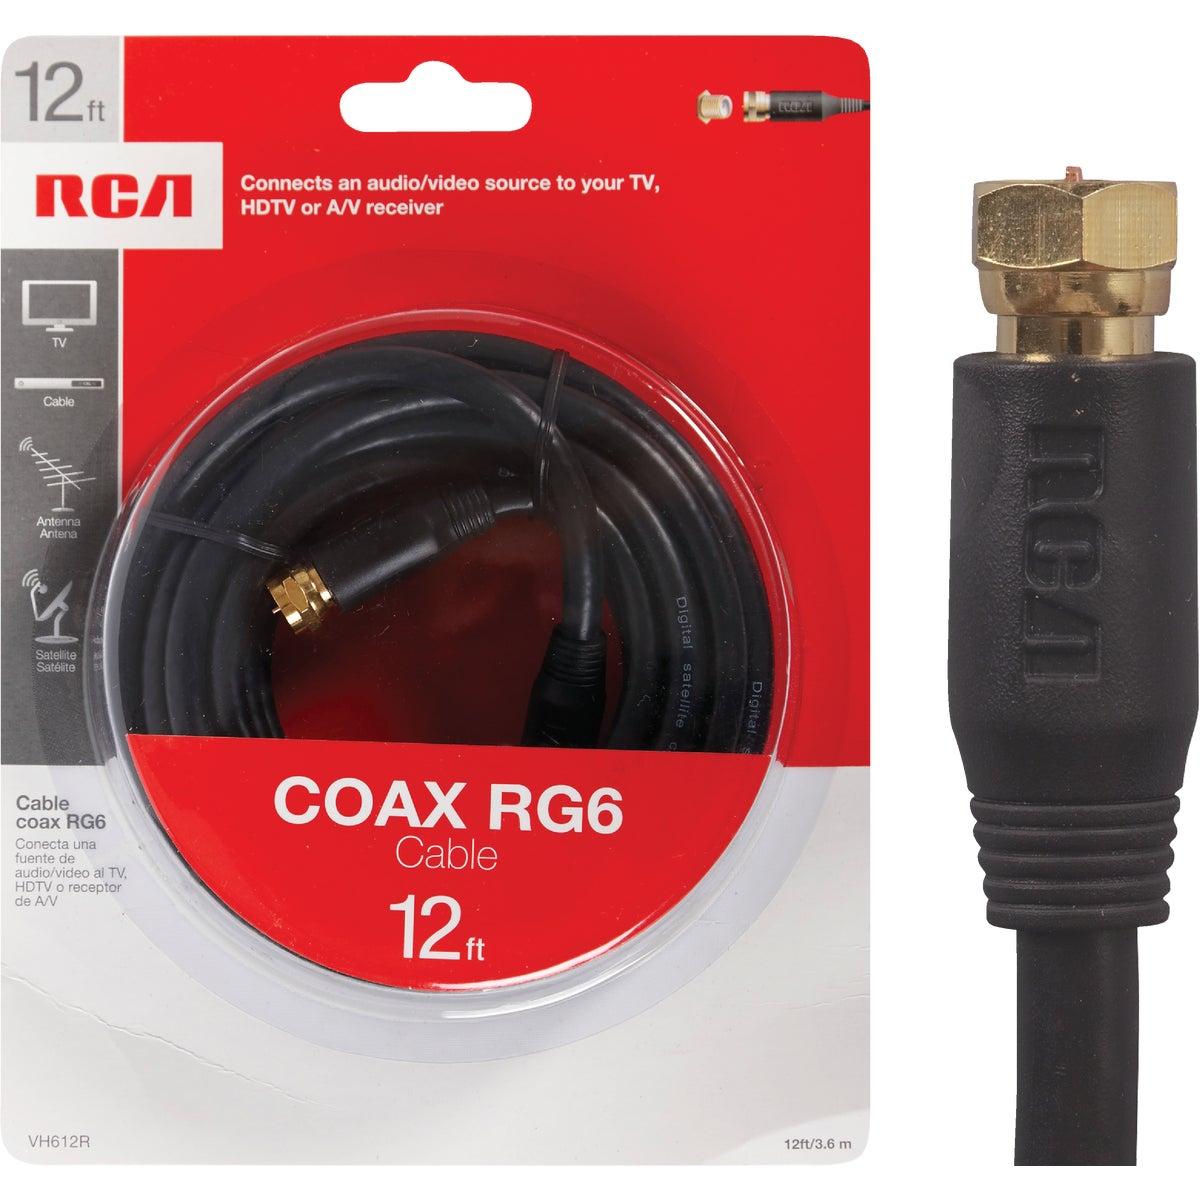 12' RG6 BLK COAX CABLE